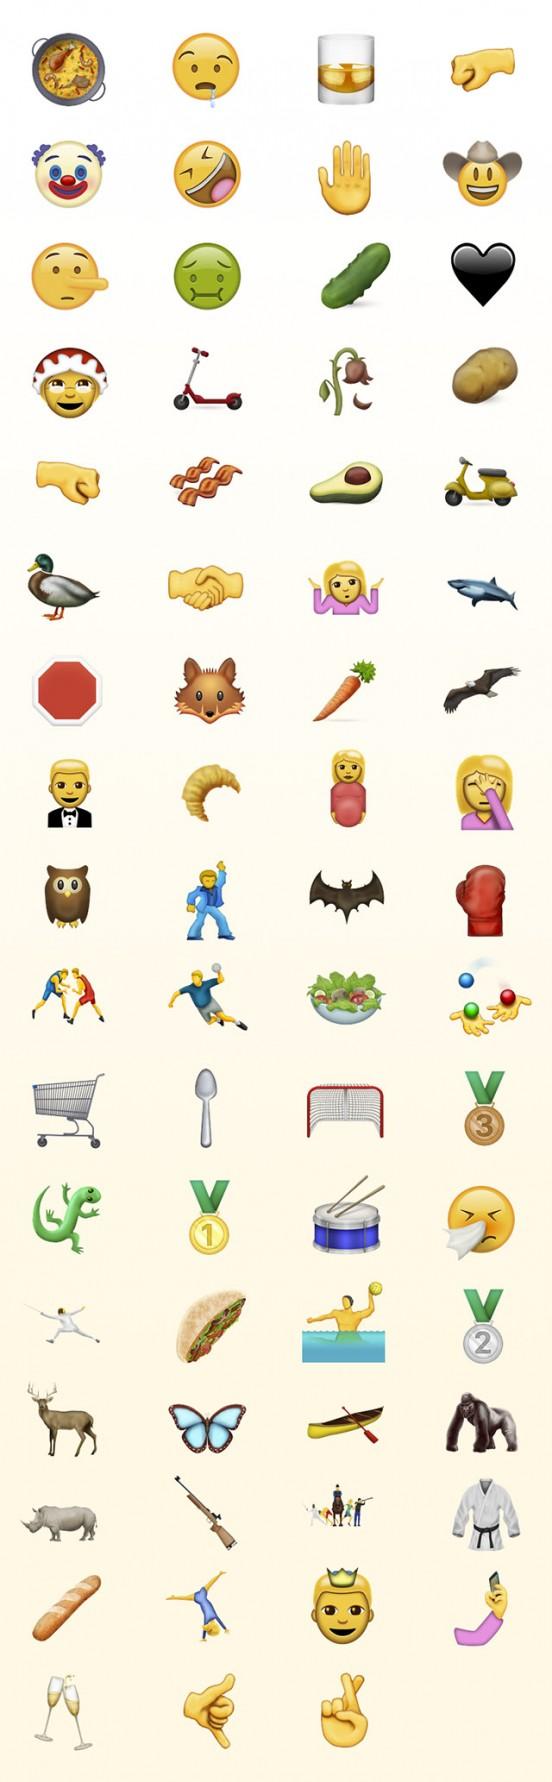 emojis-unicode-9-552x1782